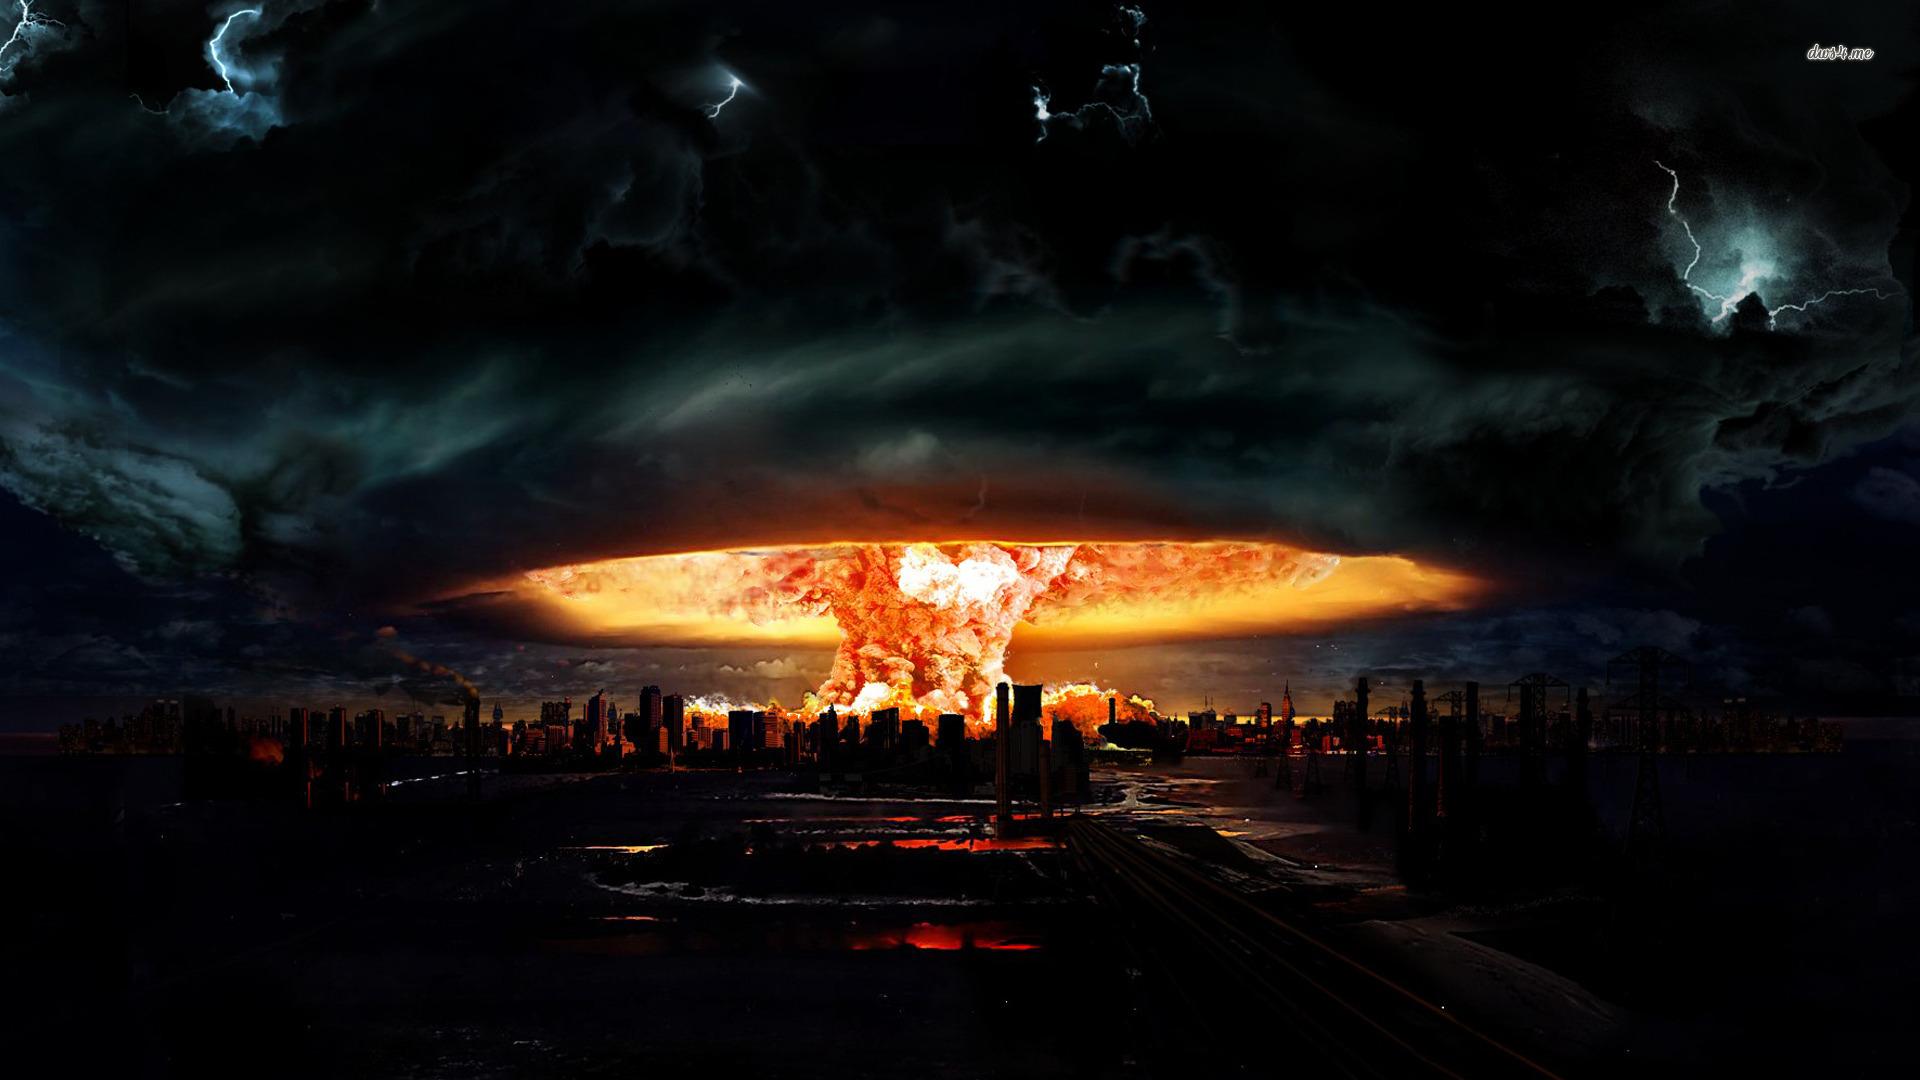 Apocalypse : Il est minuit moins trois